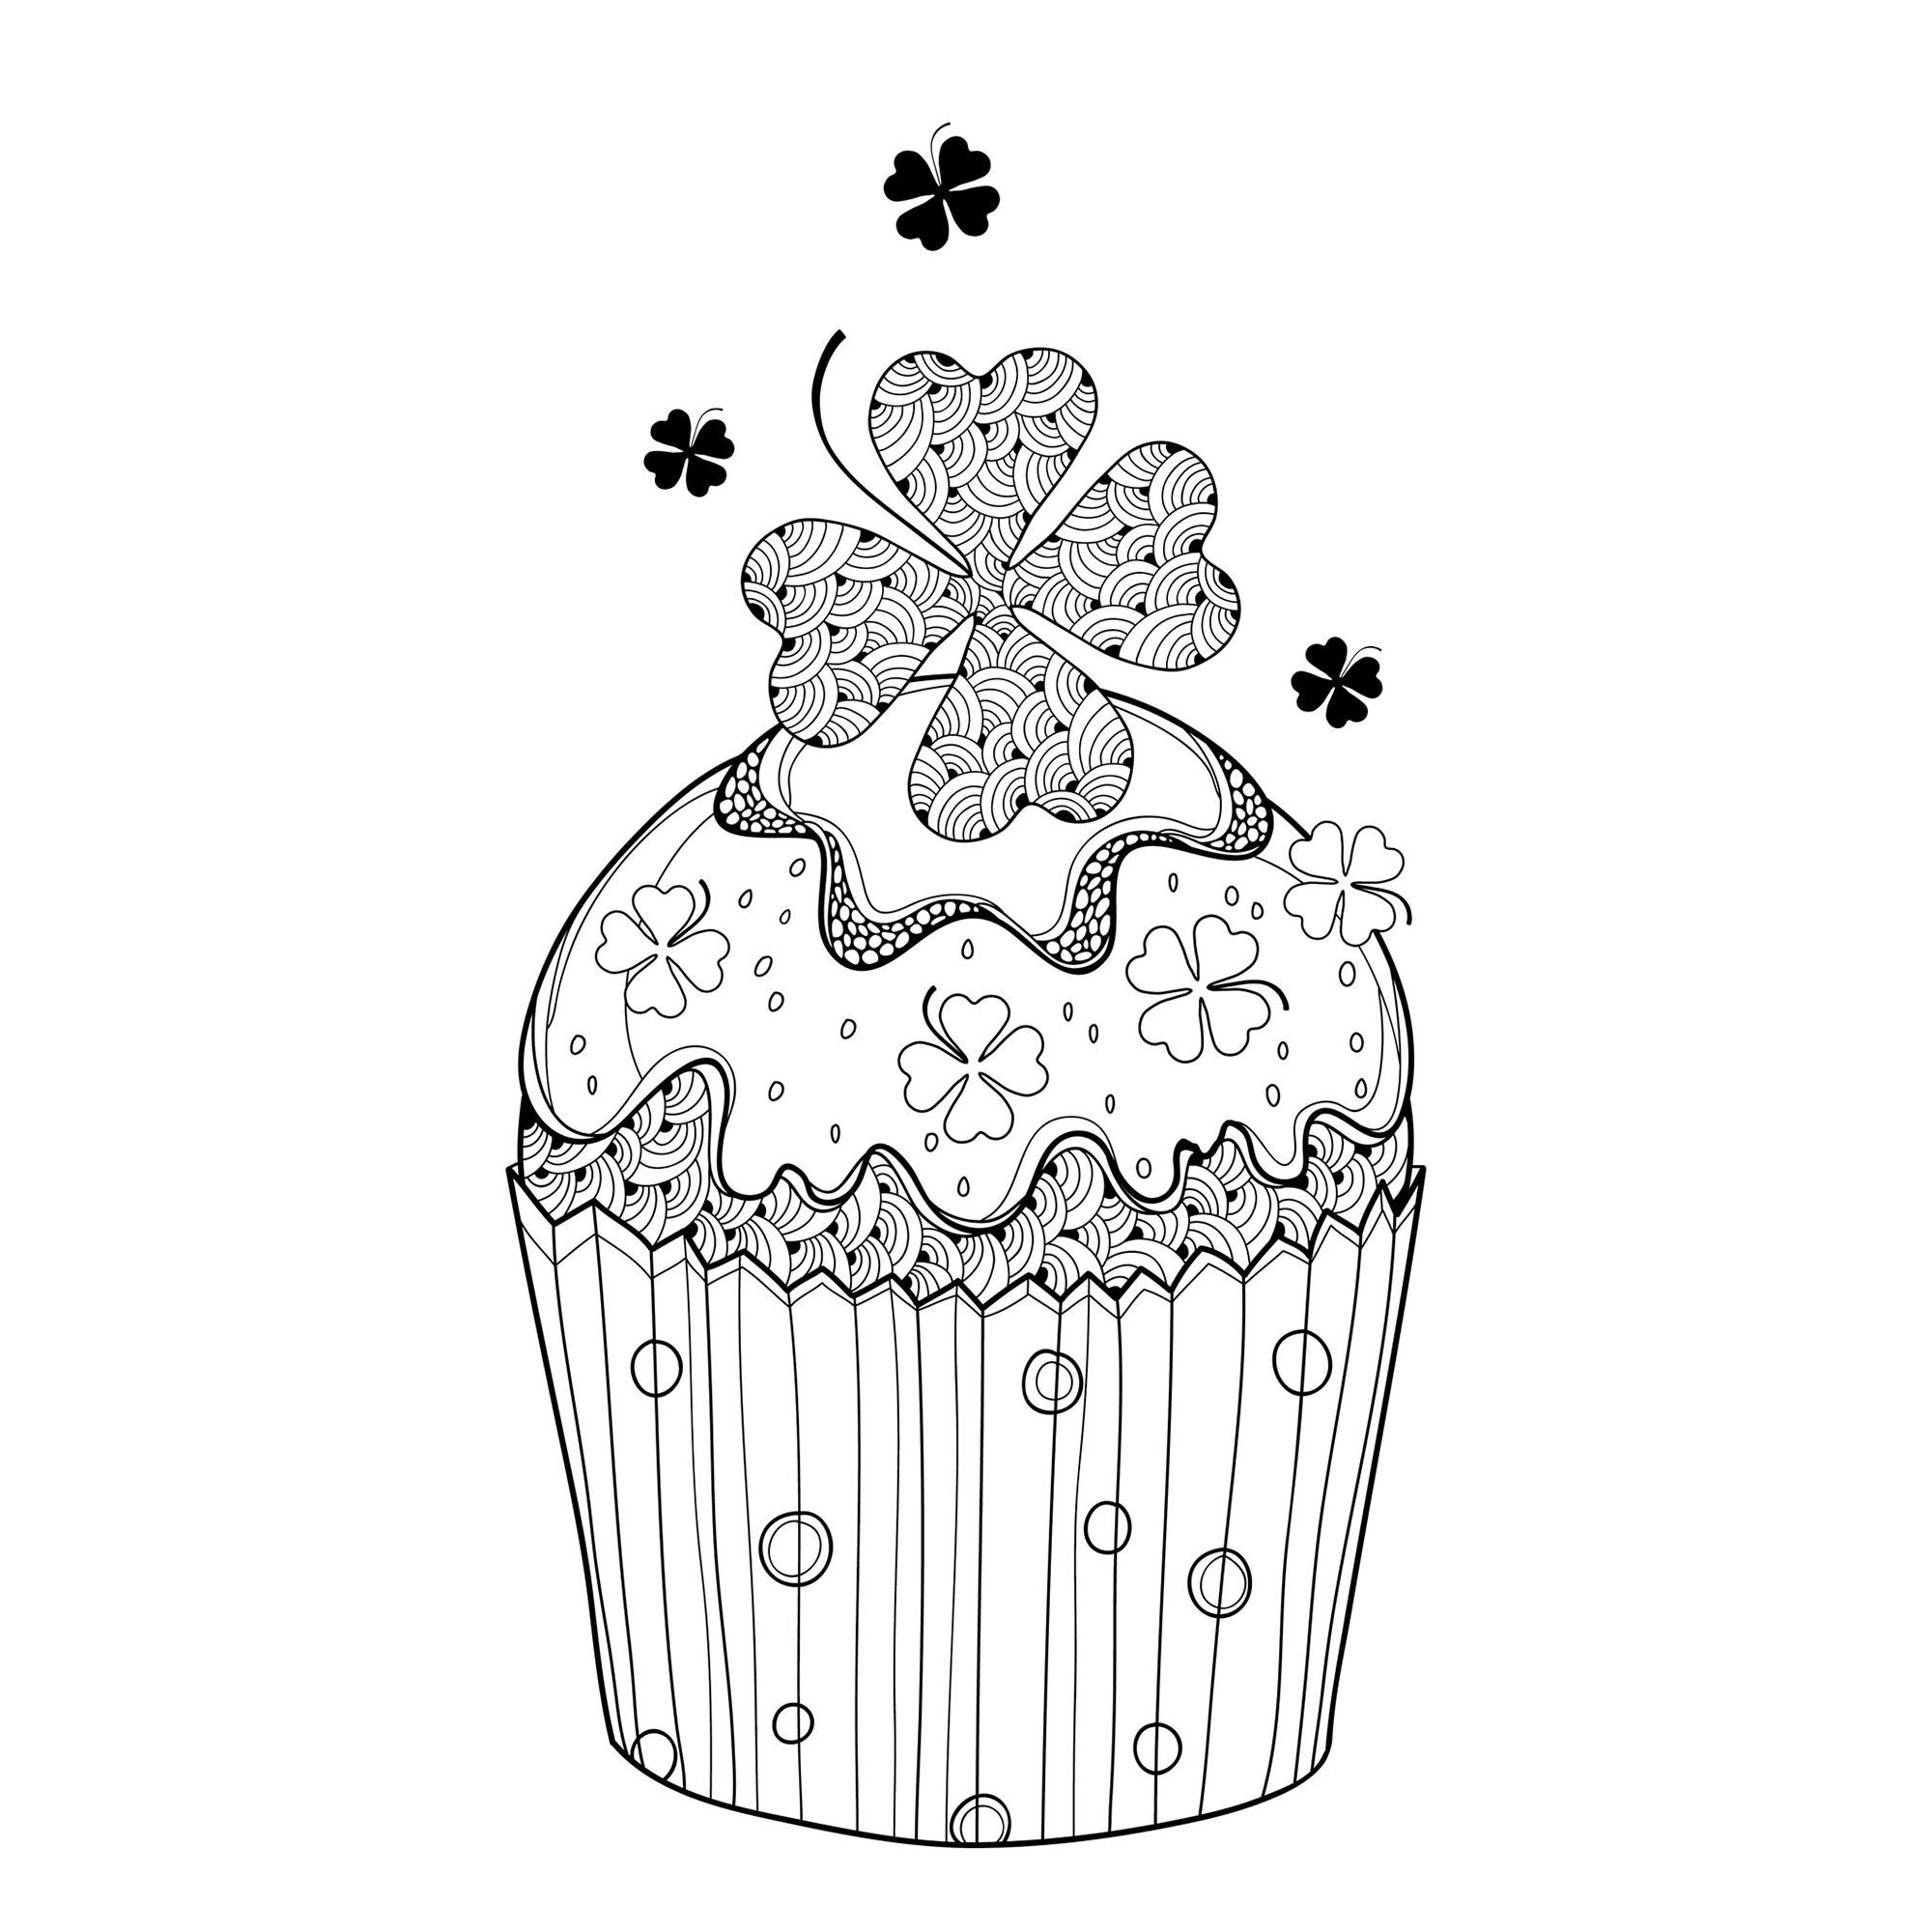 Le trèfle sucré - Cupcakes et gâteaux - Coloriages ...